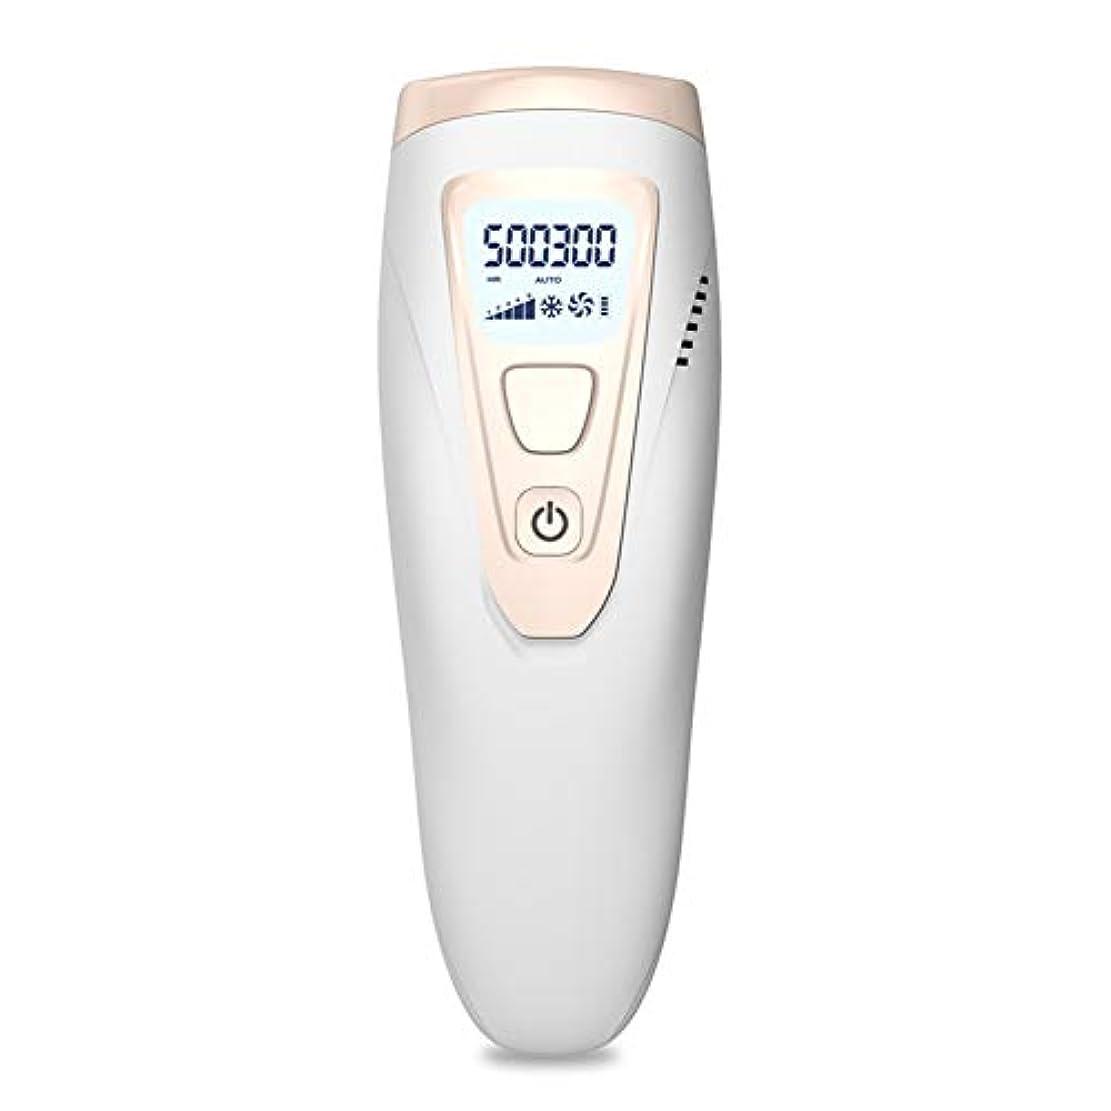 摂動一般的に報いるアイスクールIPLレーザー脱毛システム50万回のフラッシュ無痛常設パルス光脱毛器デバイス、にとってボディフェイス脇の下ビキニライン